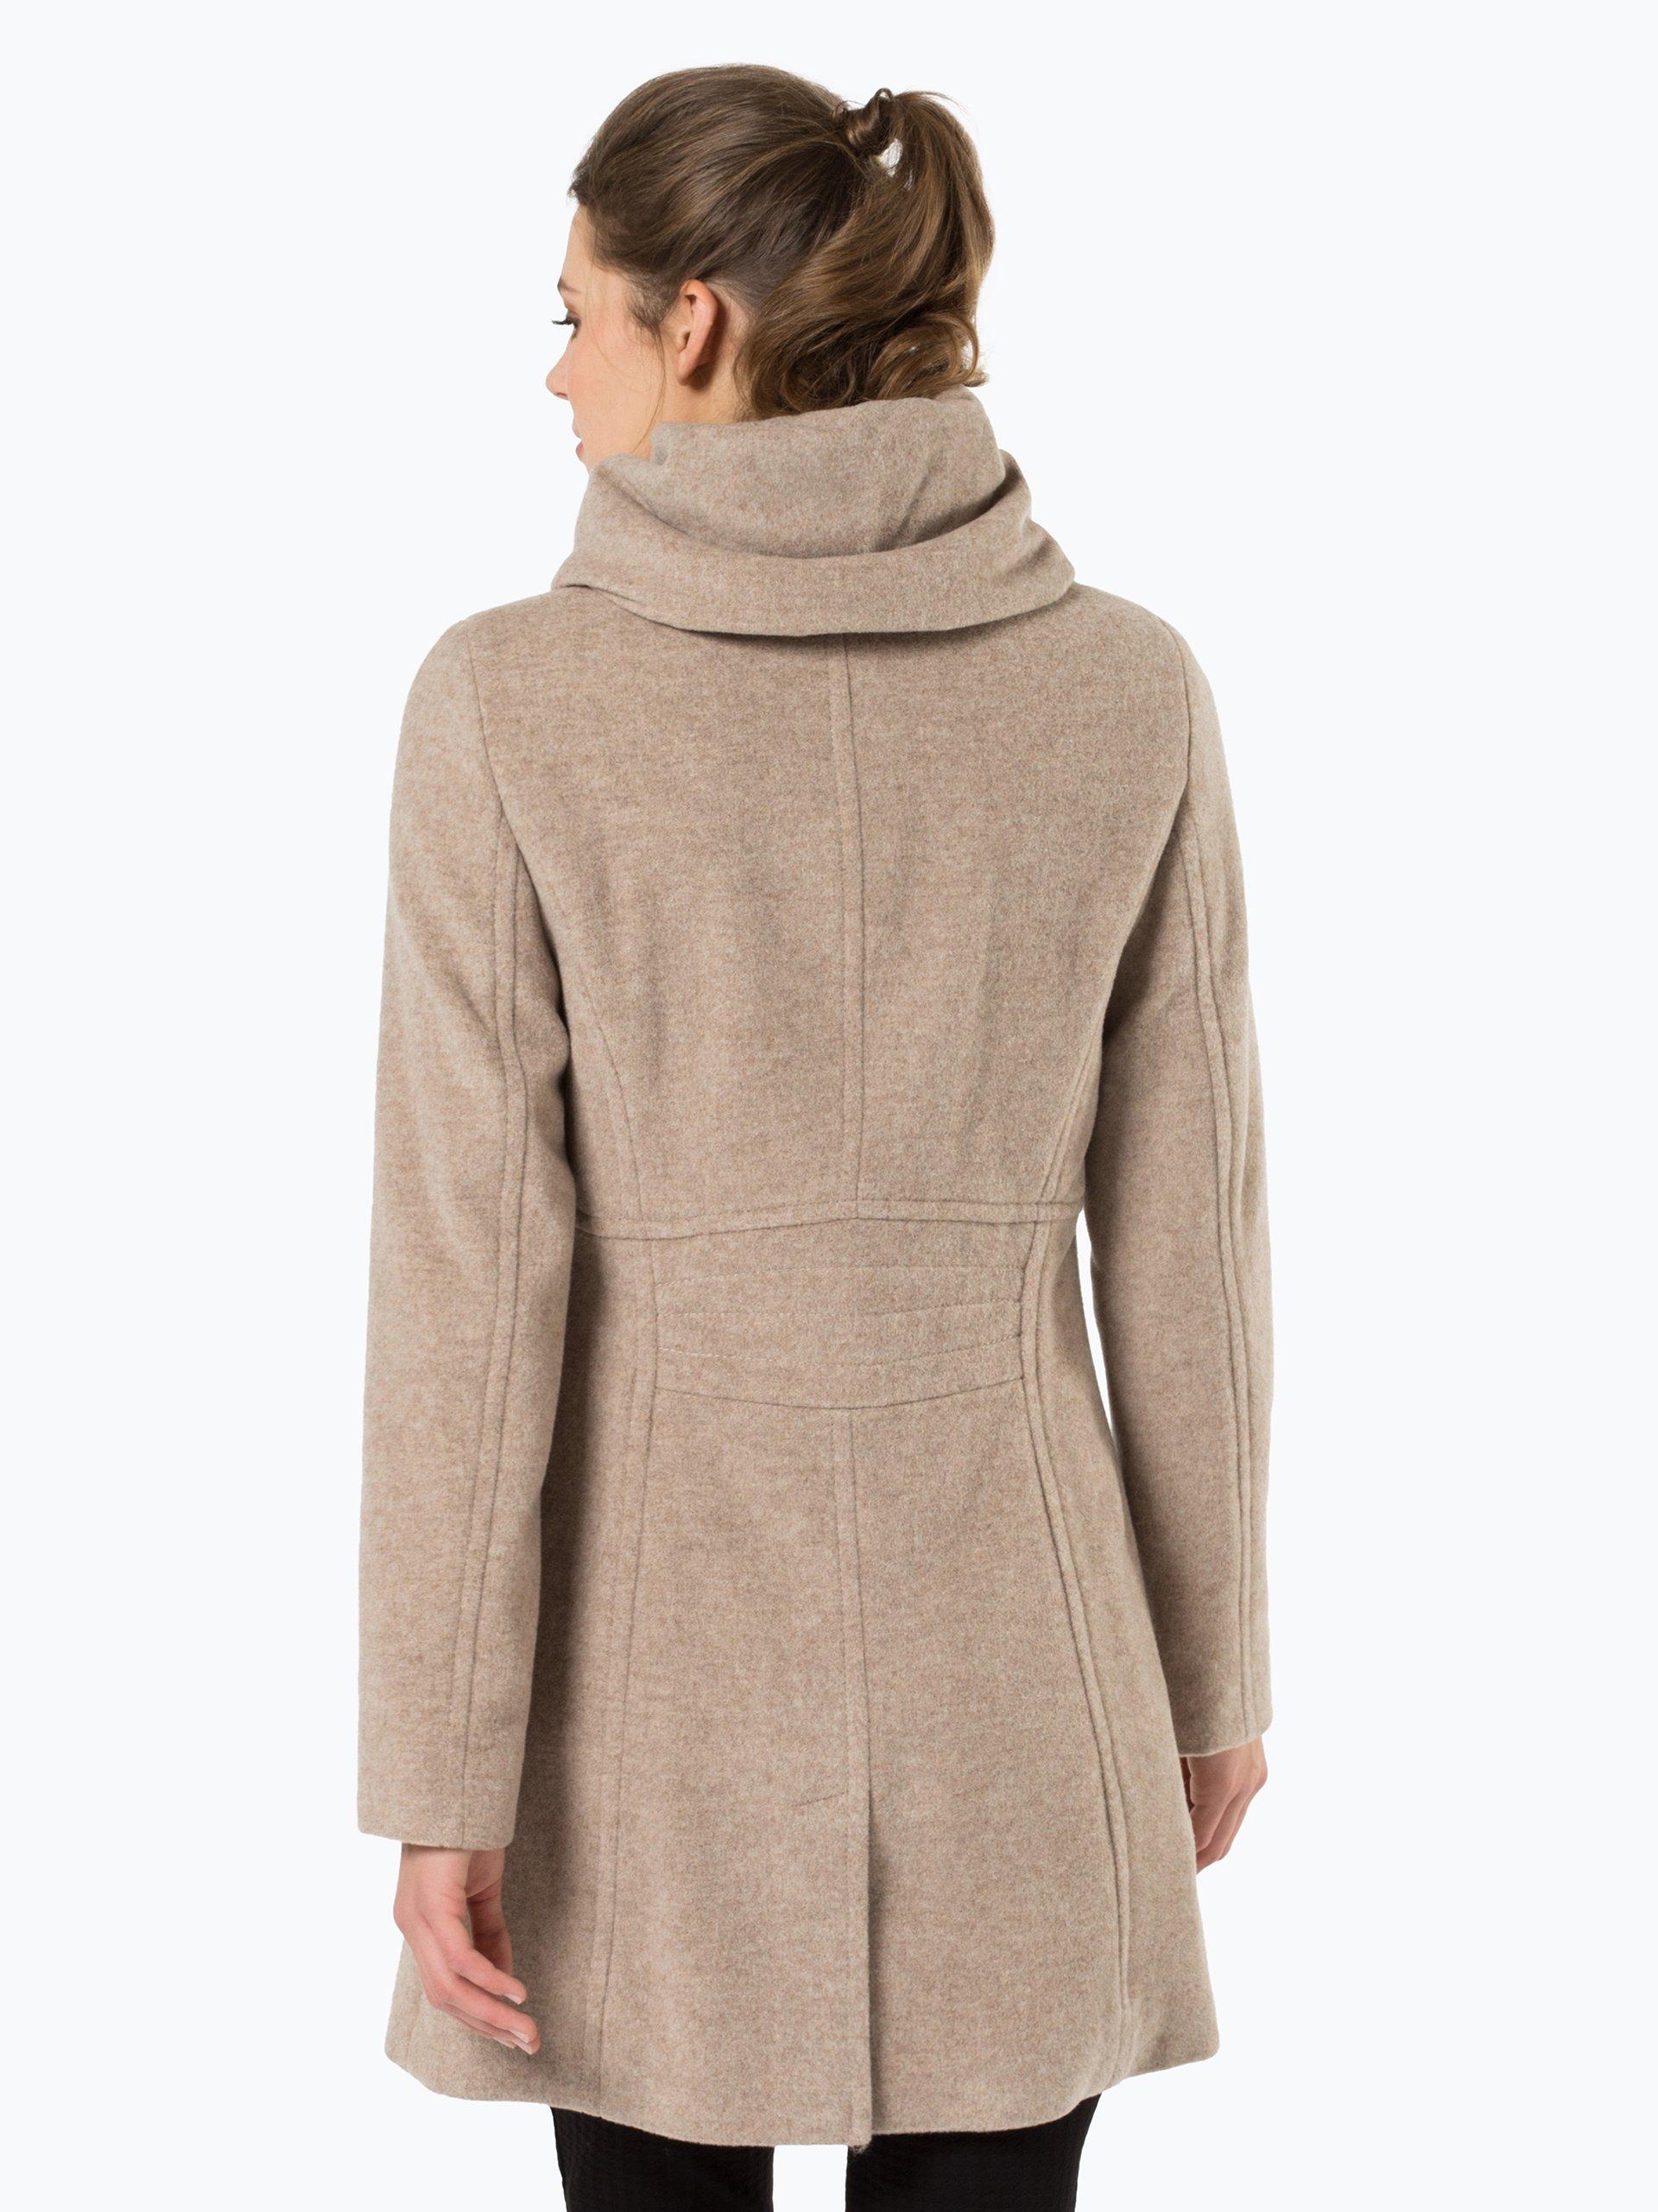 comma damen mantel mit cashmere anteil beige uni online kaufen vangraaf com. Black Bedroom Furniture Sets. Home Design Ideas